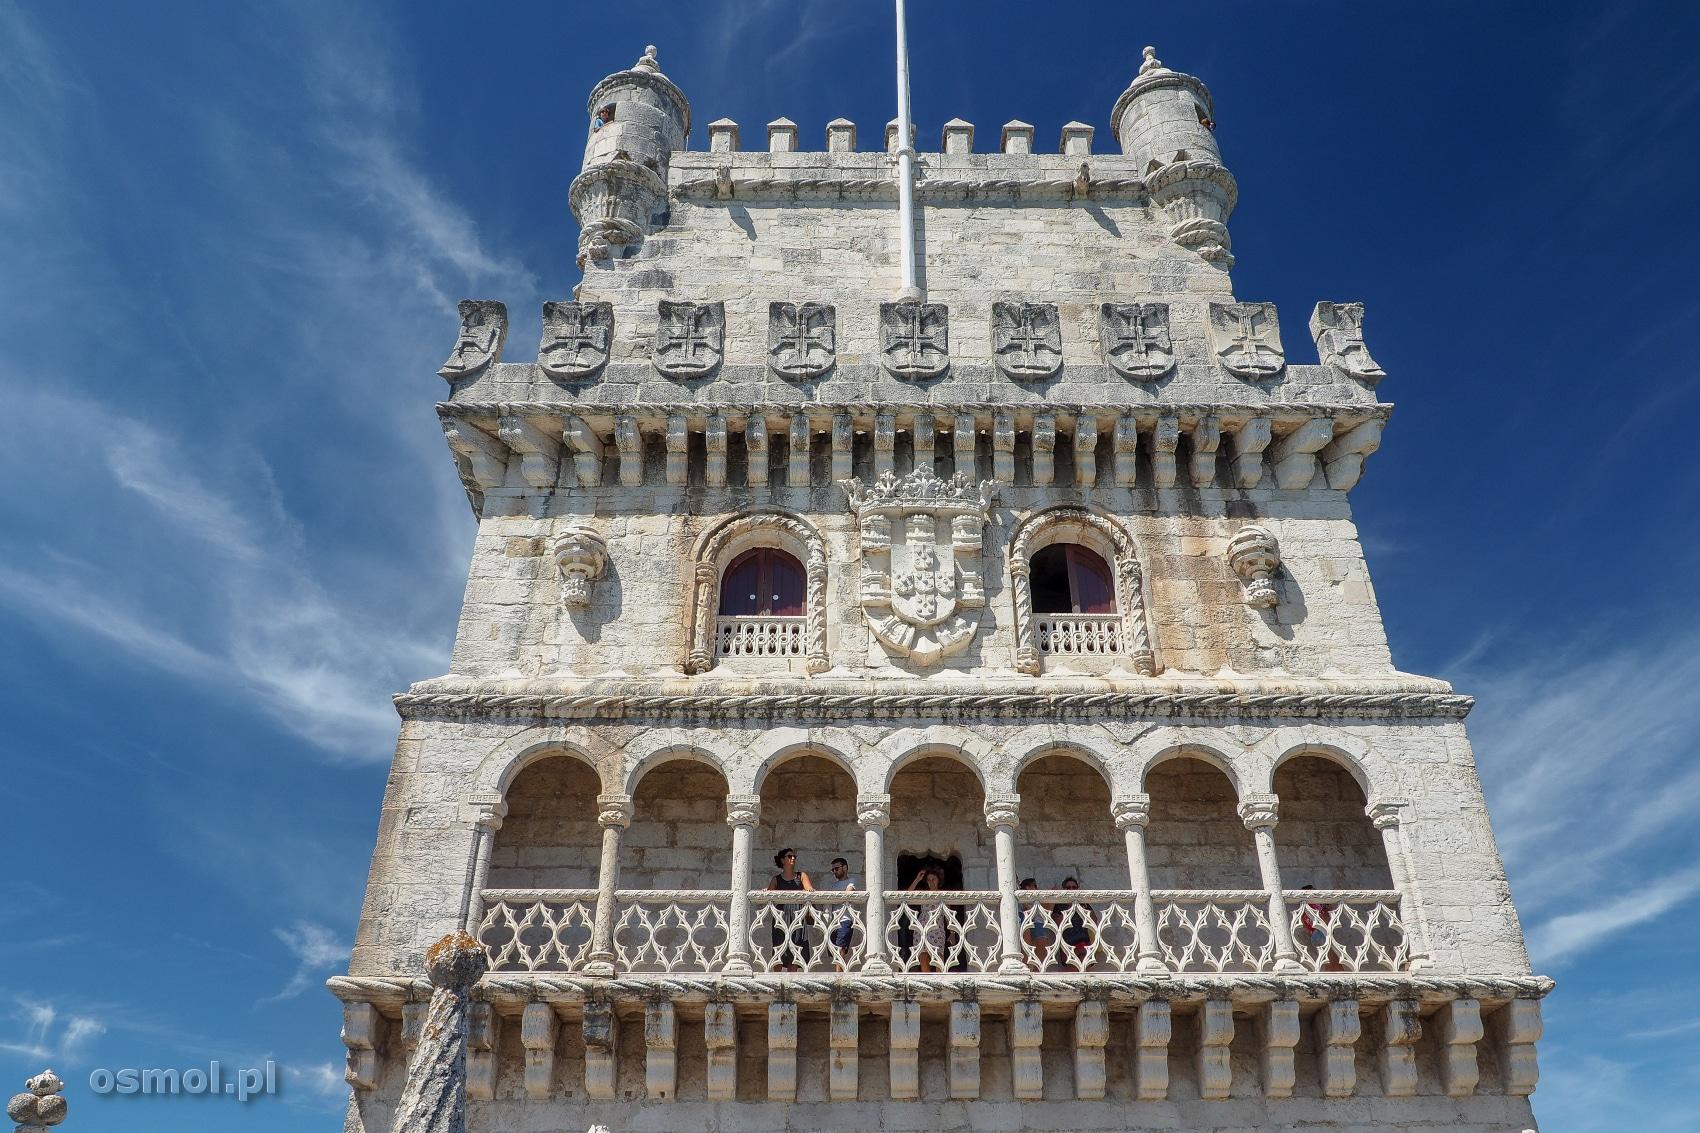 Zdobienia wieży Belem czyli Torre de Belém w Lizbonie.